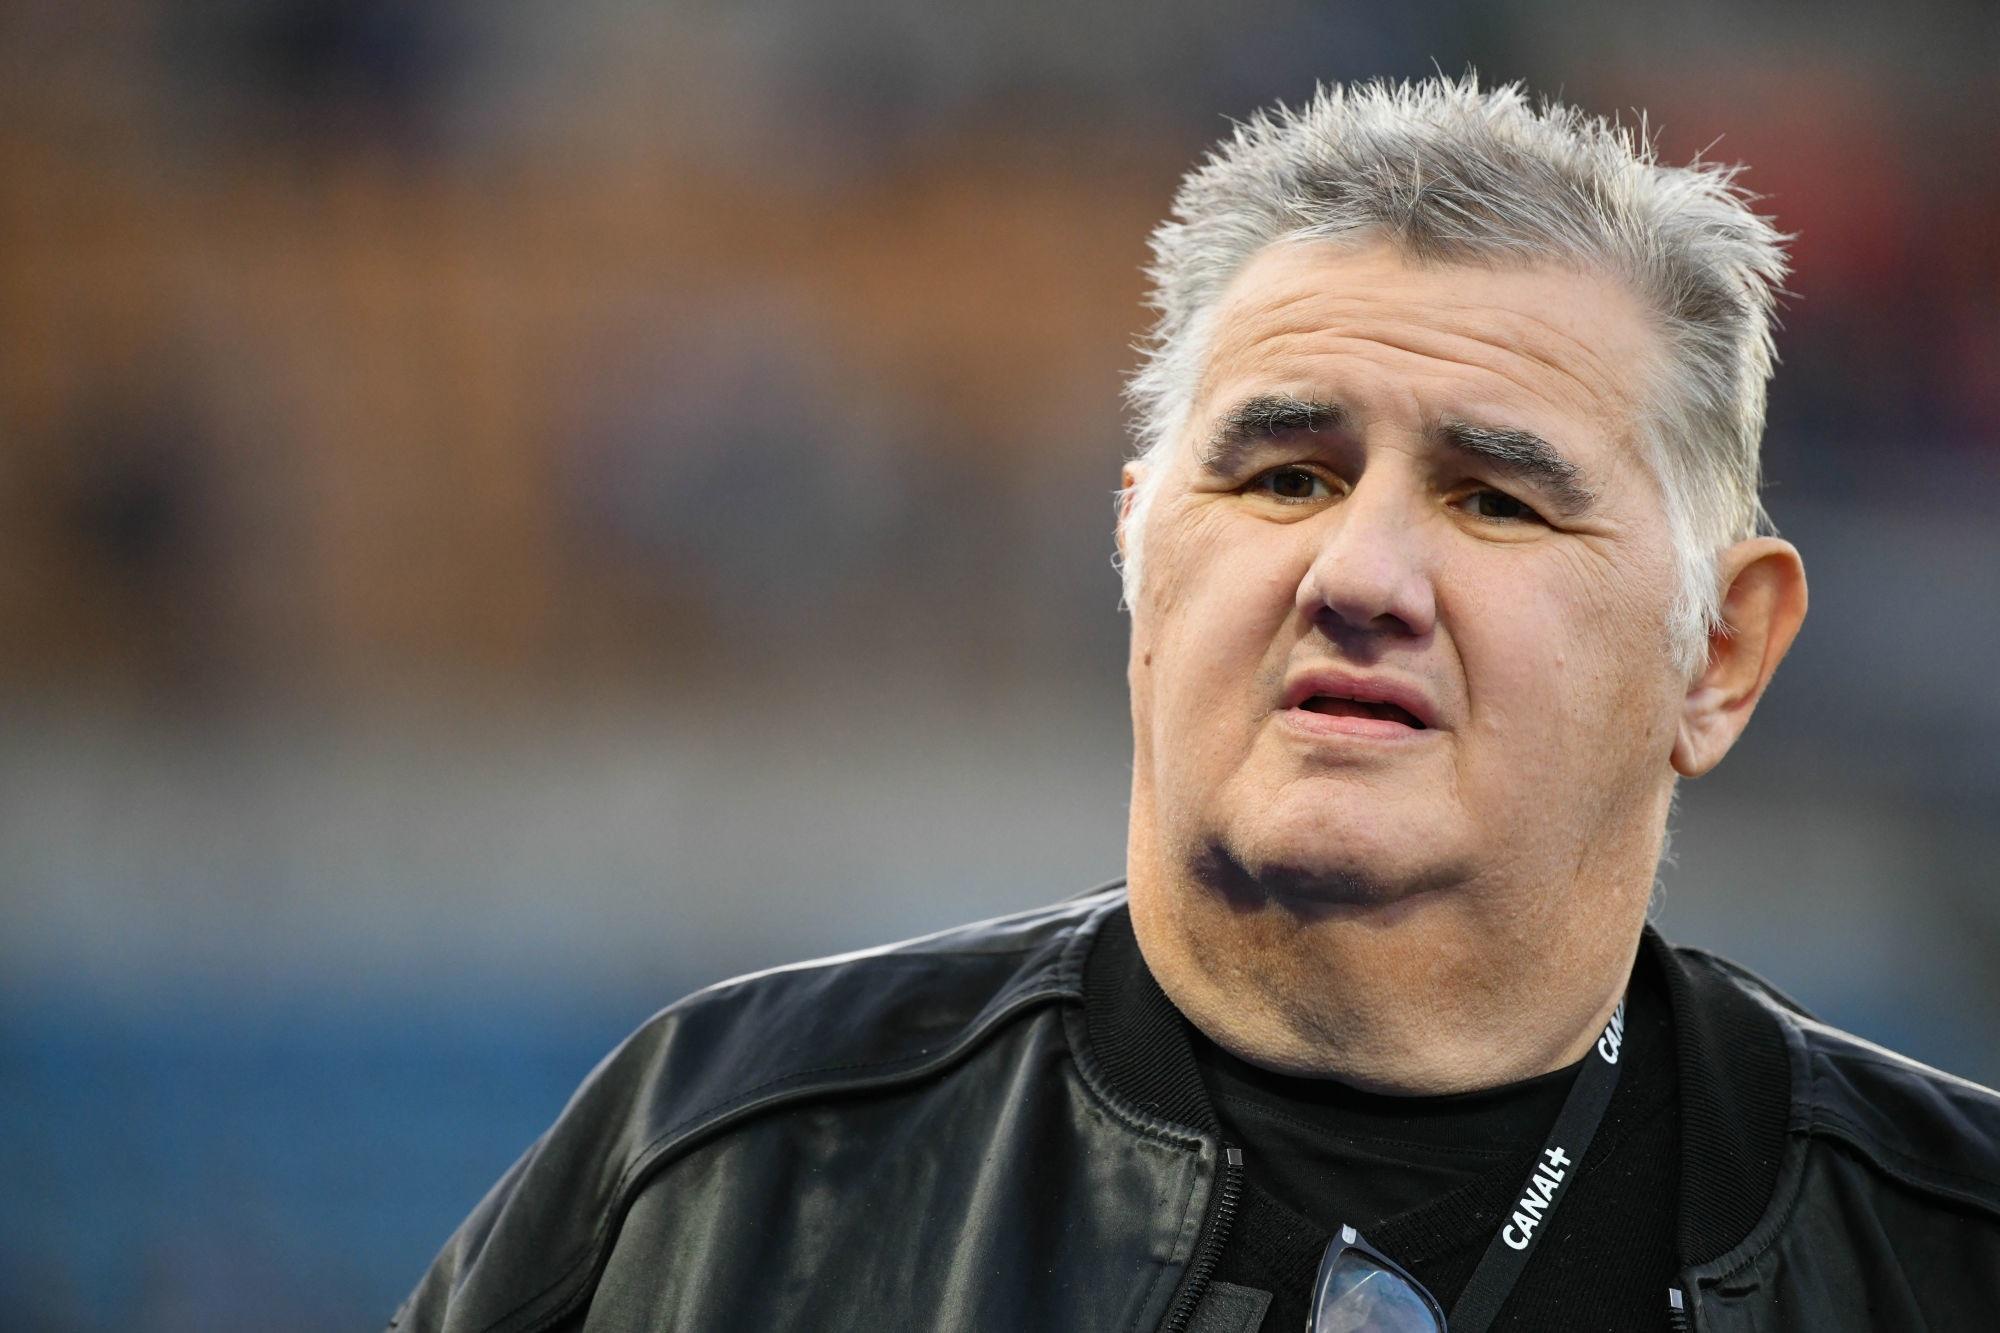 """PSG/OM - Ménès a vu un match """"pathétique"""" et annonce Tuchel """"en perdition"""""""